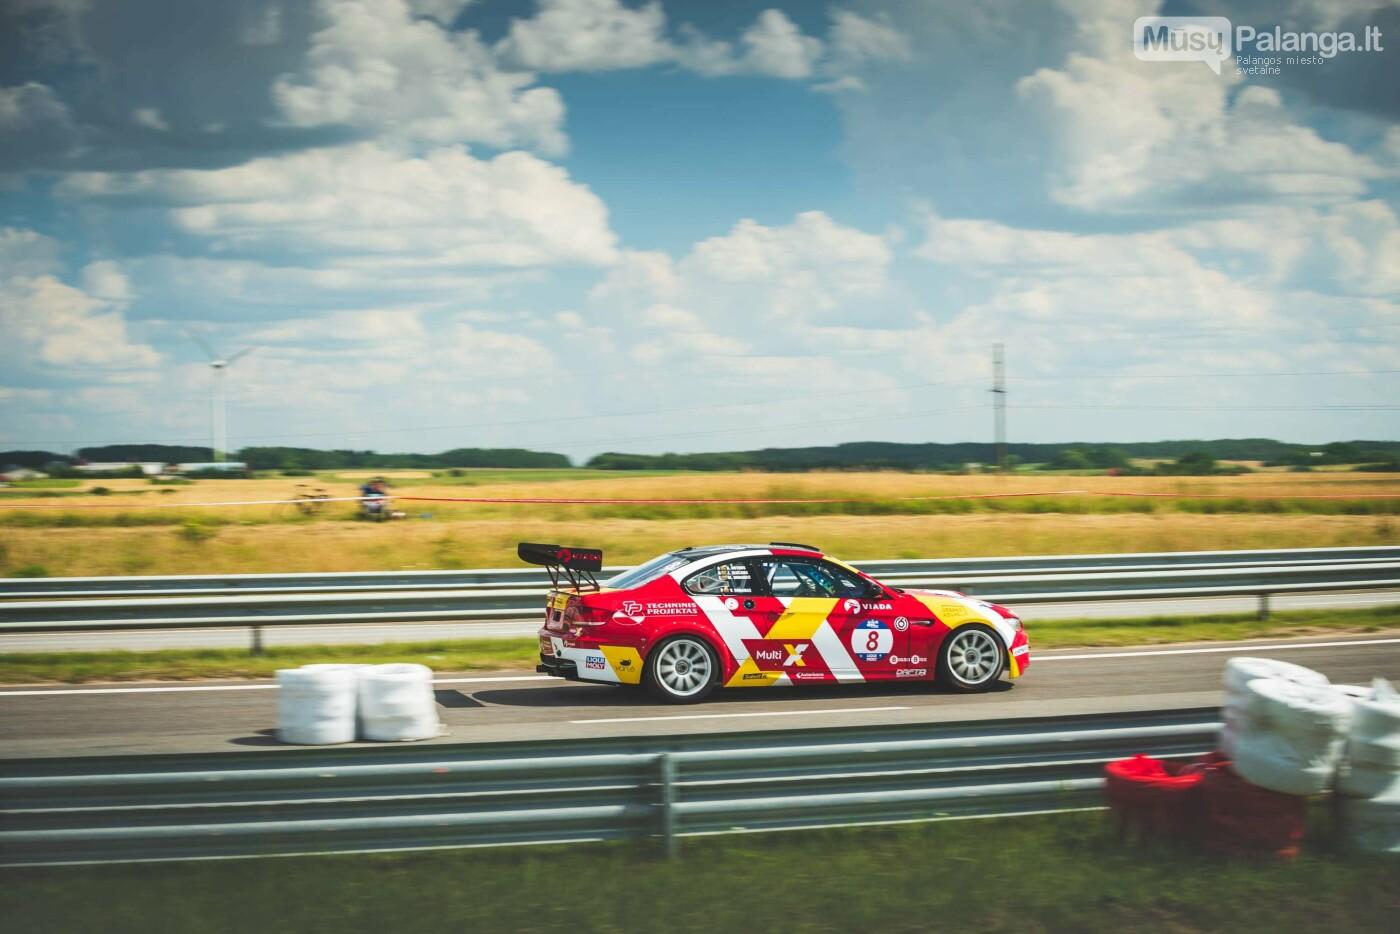 """Pirmoji """"Aurum 1006 km lenktynių"""" repeticija, nuotrauka-17, Arno STRUMILOS nuotr."""